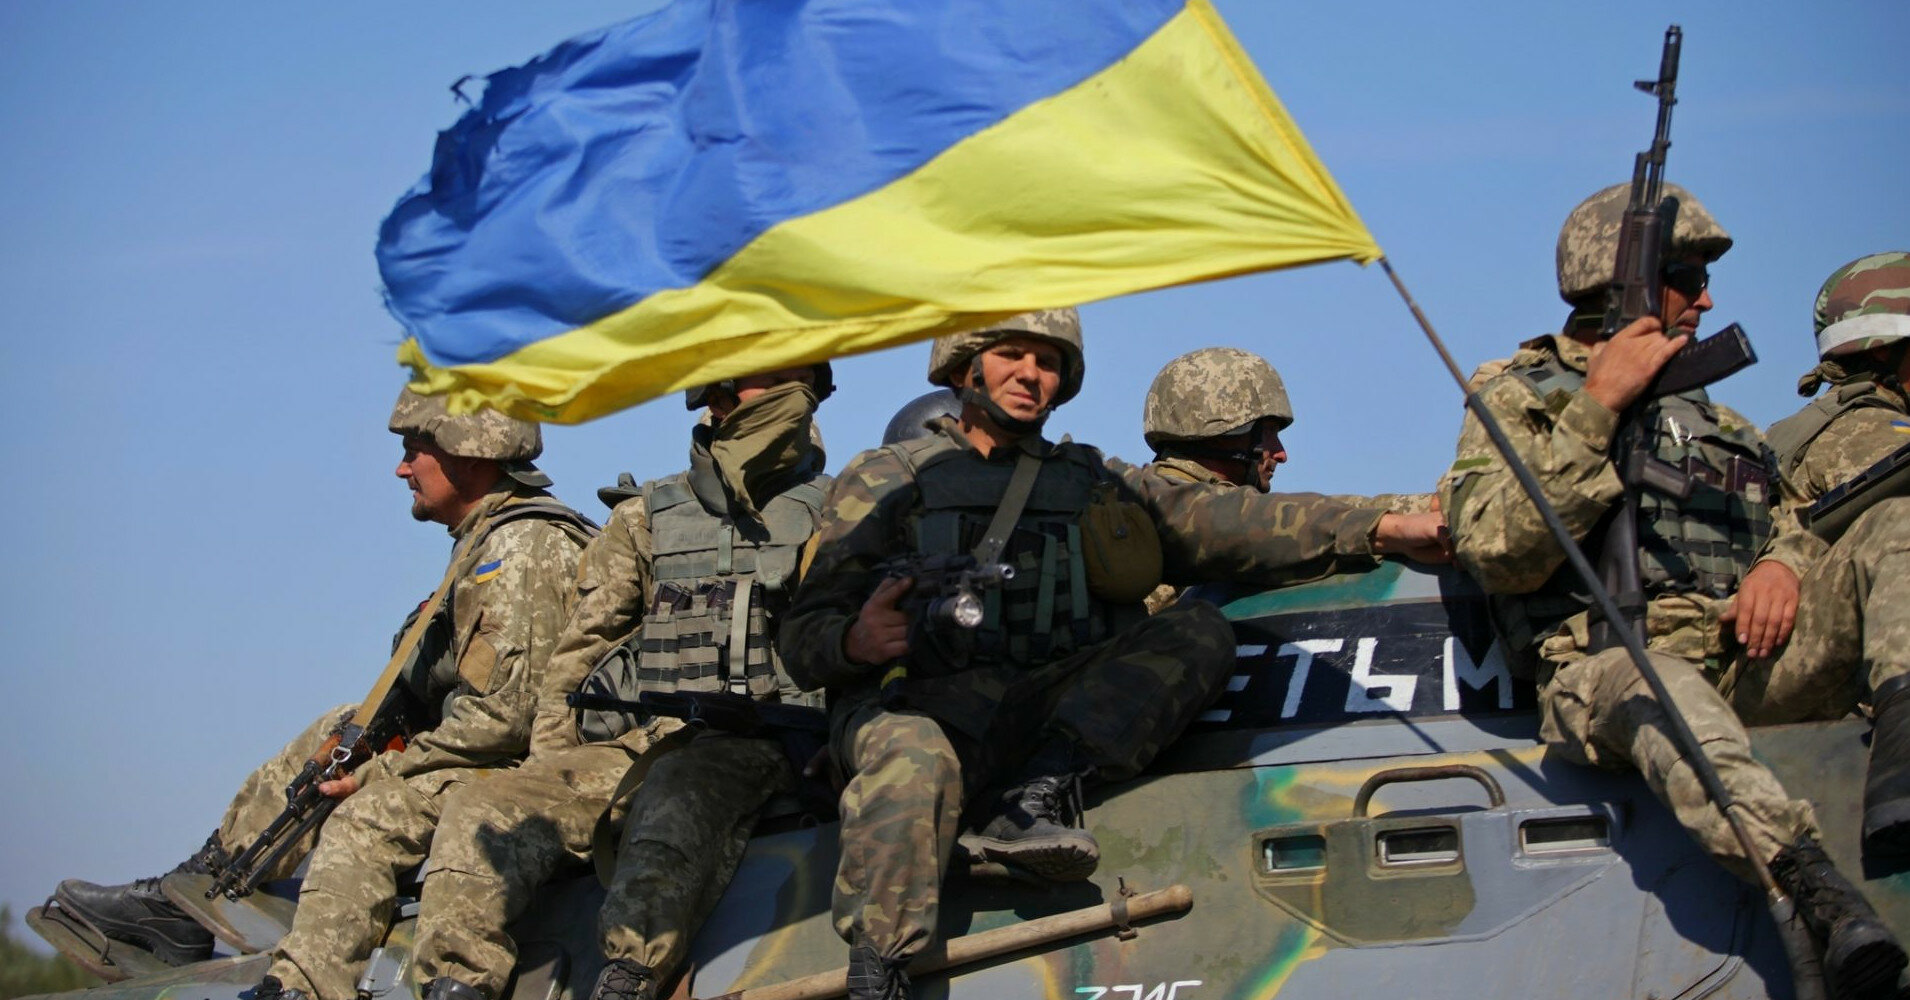 Данилов объяснил, почему ВСУ не идут в наступление на Донбасс